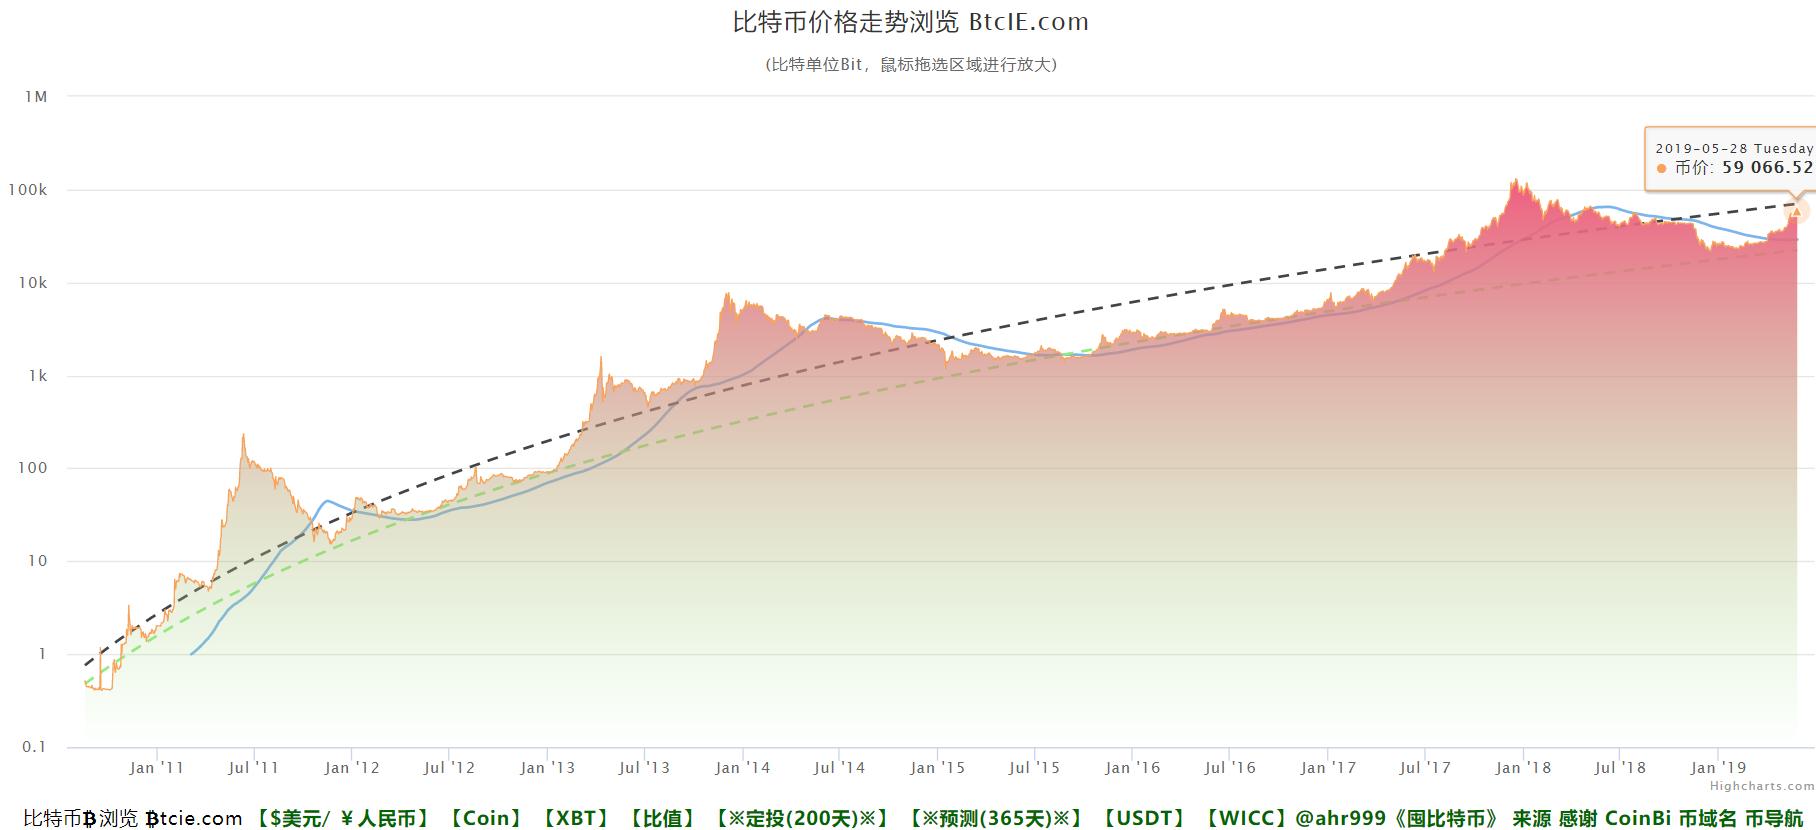 比特币价格走势曲线